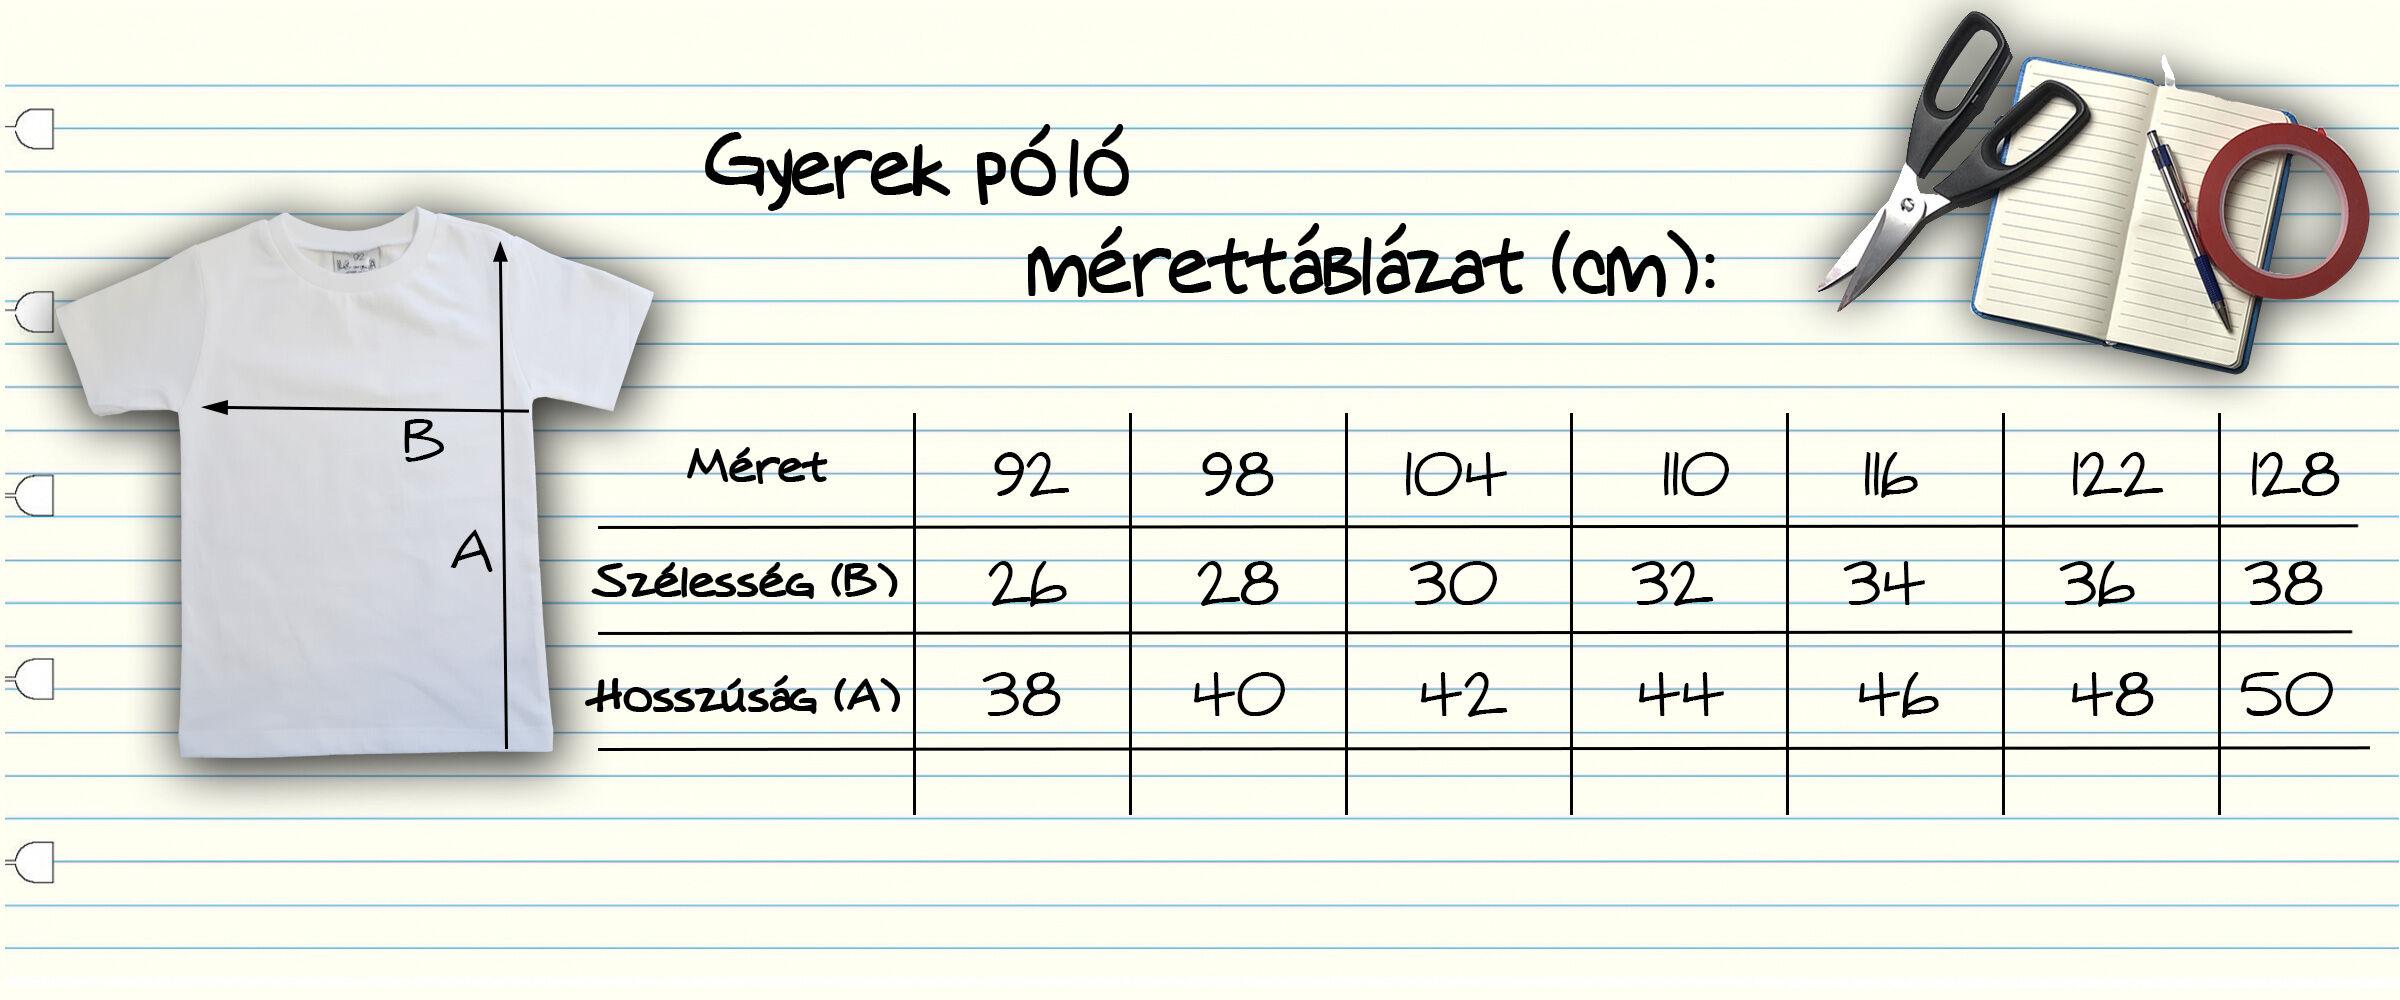 Gyerkőc póló mérettáblázat (unisex)